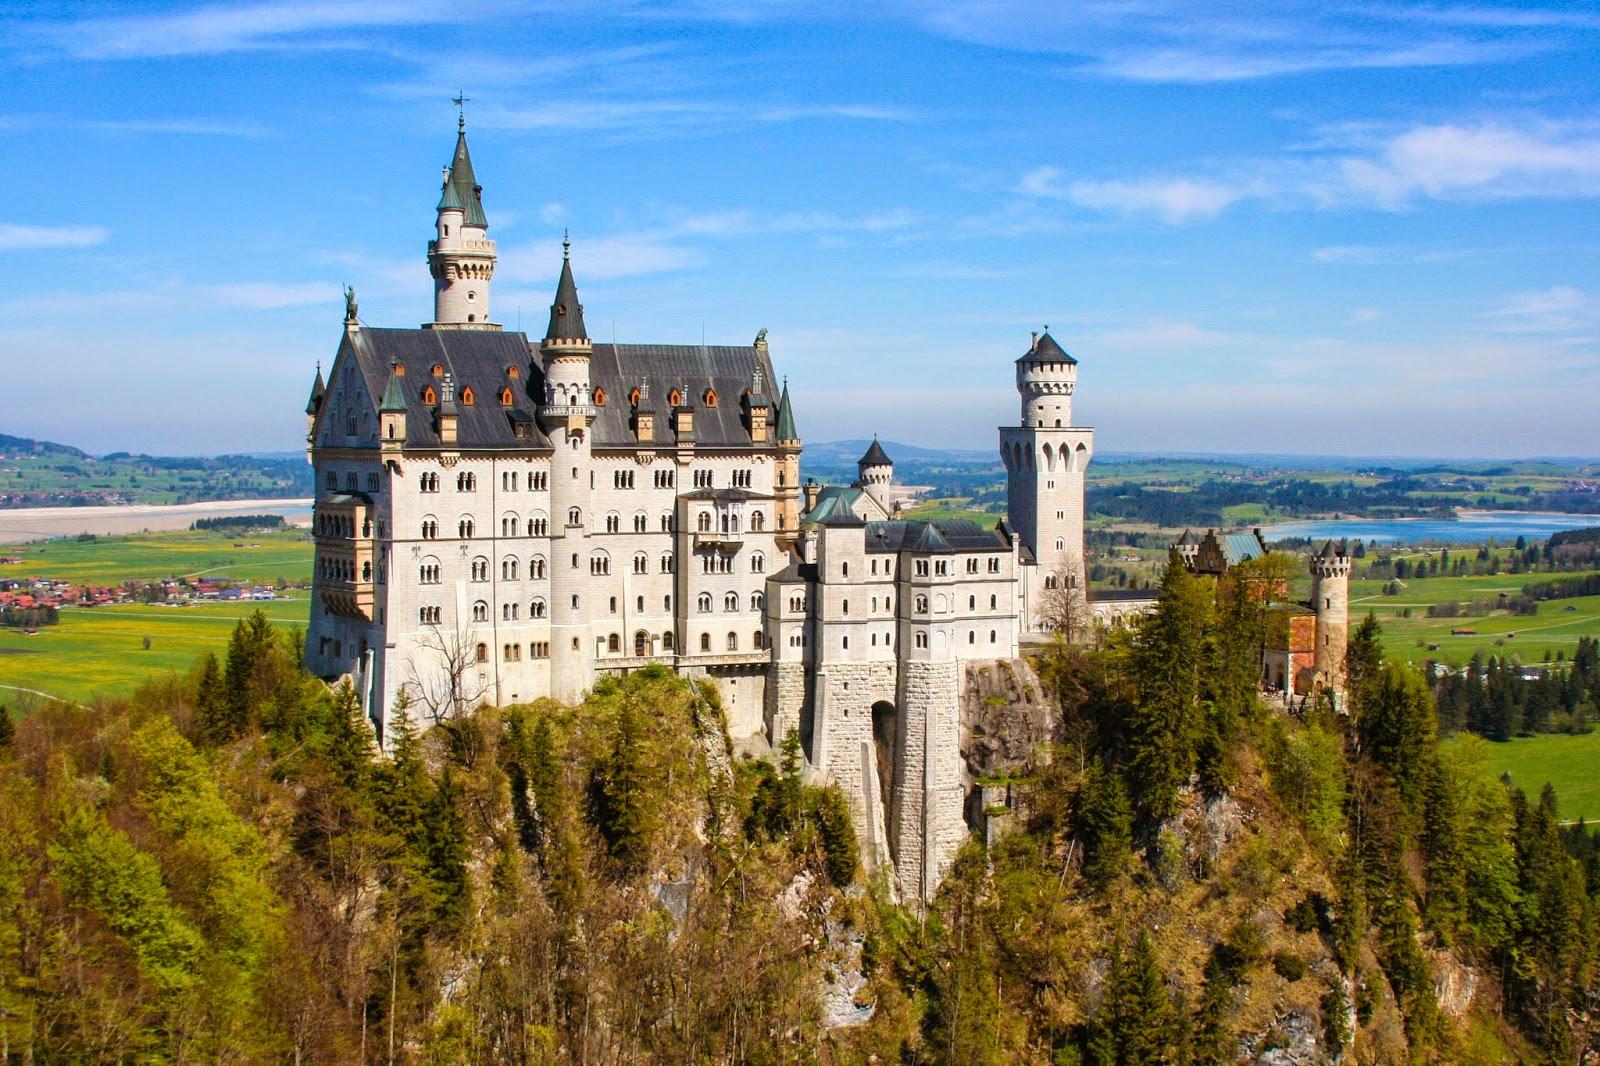 Schwangau Germany  city photos gallery : Neuschwanstein Castle | Schwangau, Germany